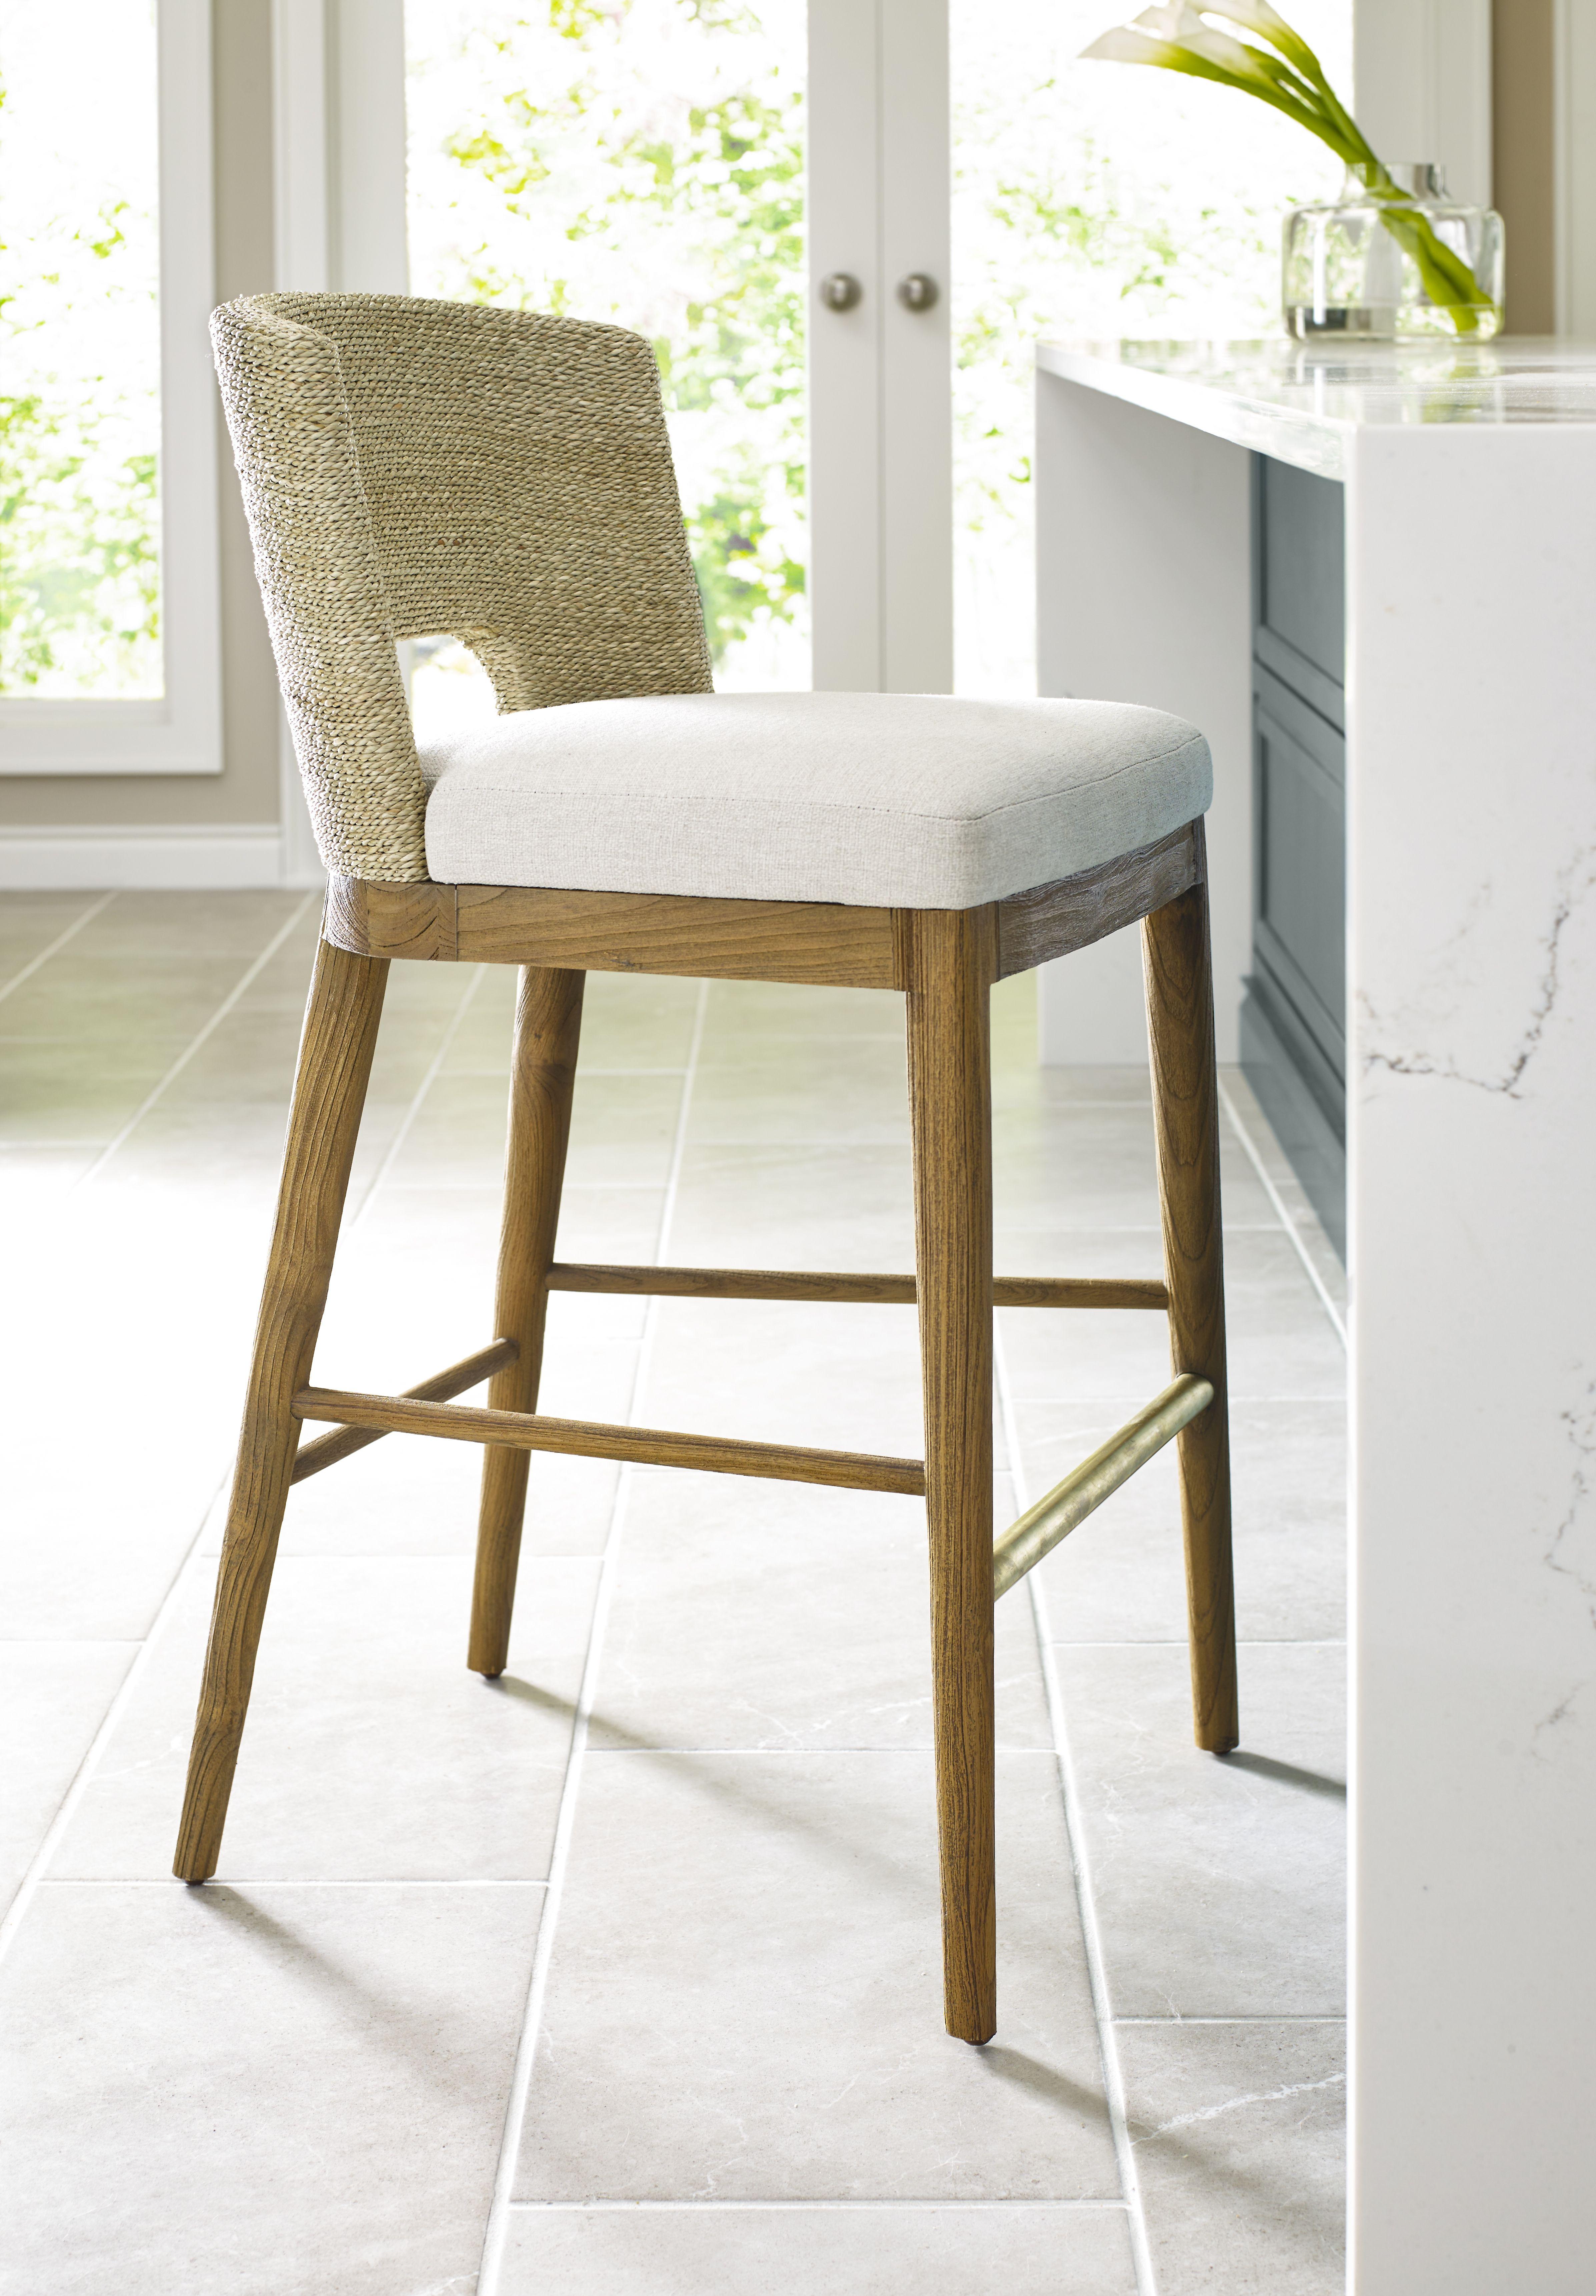 Amalfi Counter Stool Brownstone Furniture In 2020 Counter Stools Bar Stools Furniture